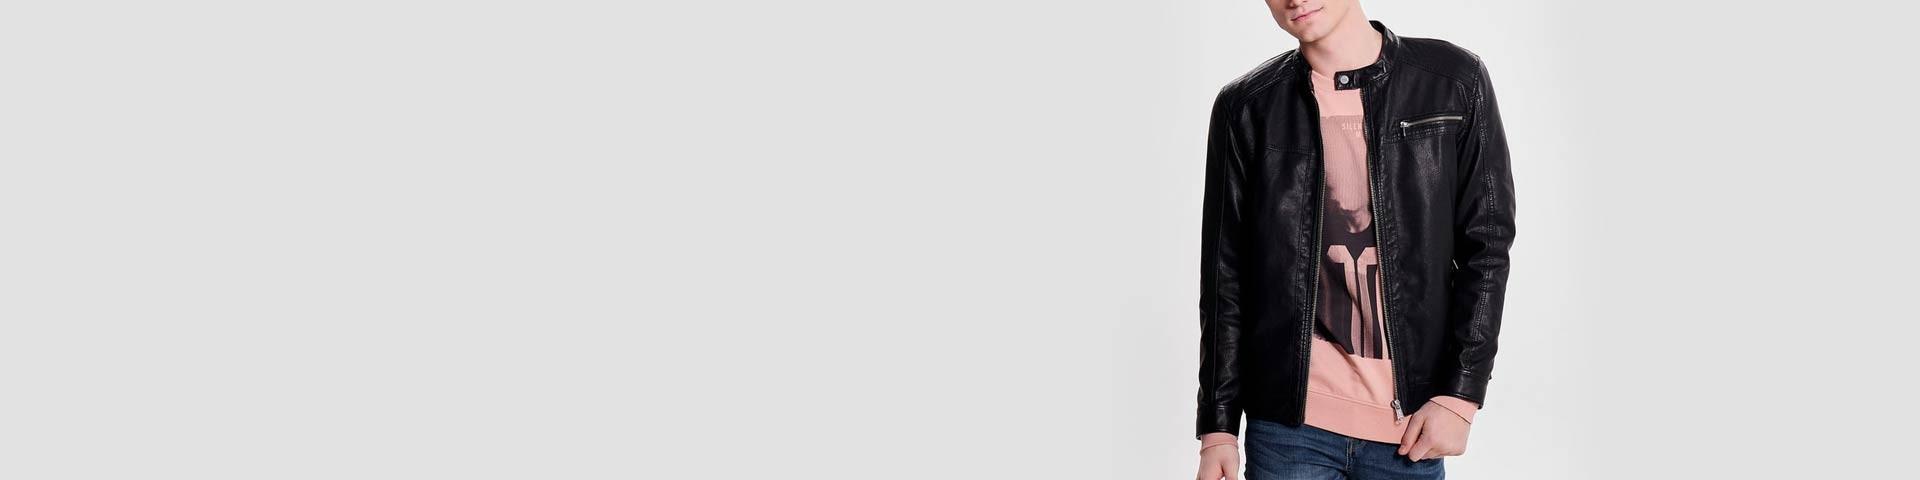 Cazadoras y chaquetas de hombre - Ropa de Moda - Online Closer